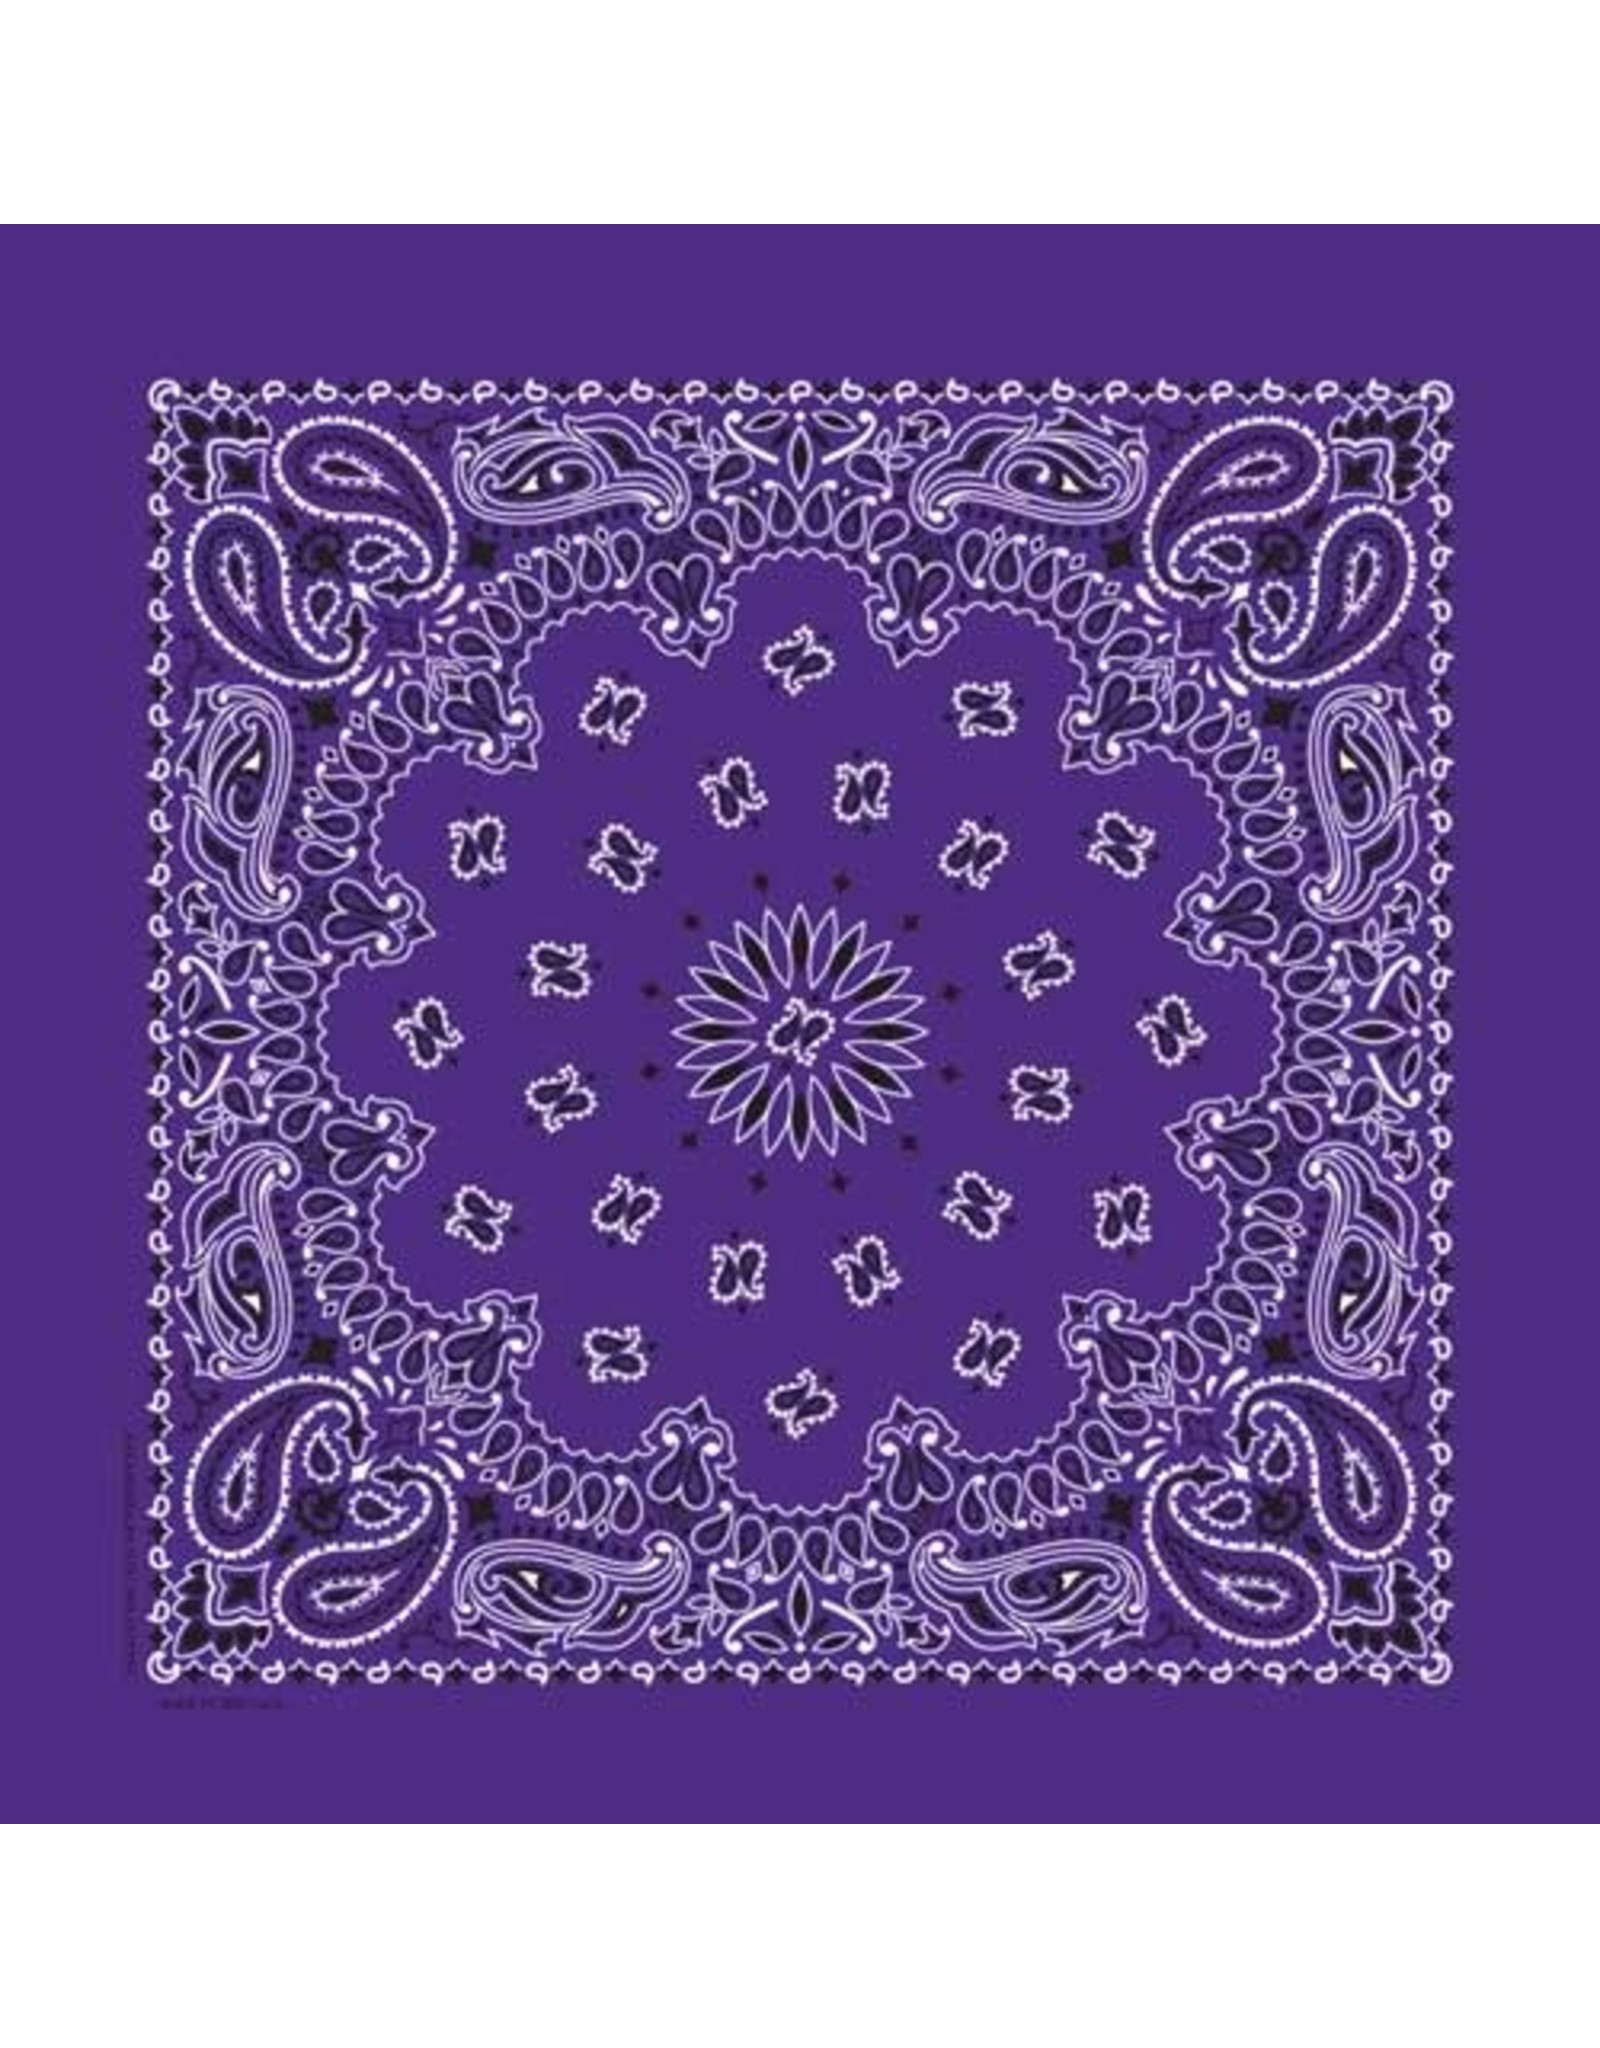 The Bandanna Co. Bandanna Co. Paisley Purple 22'' X 22''